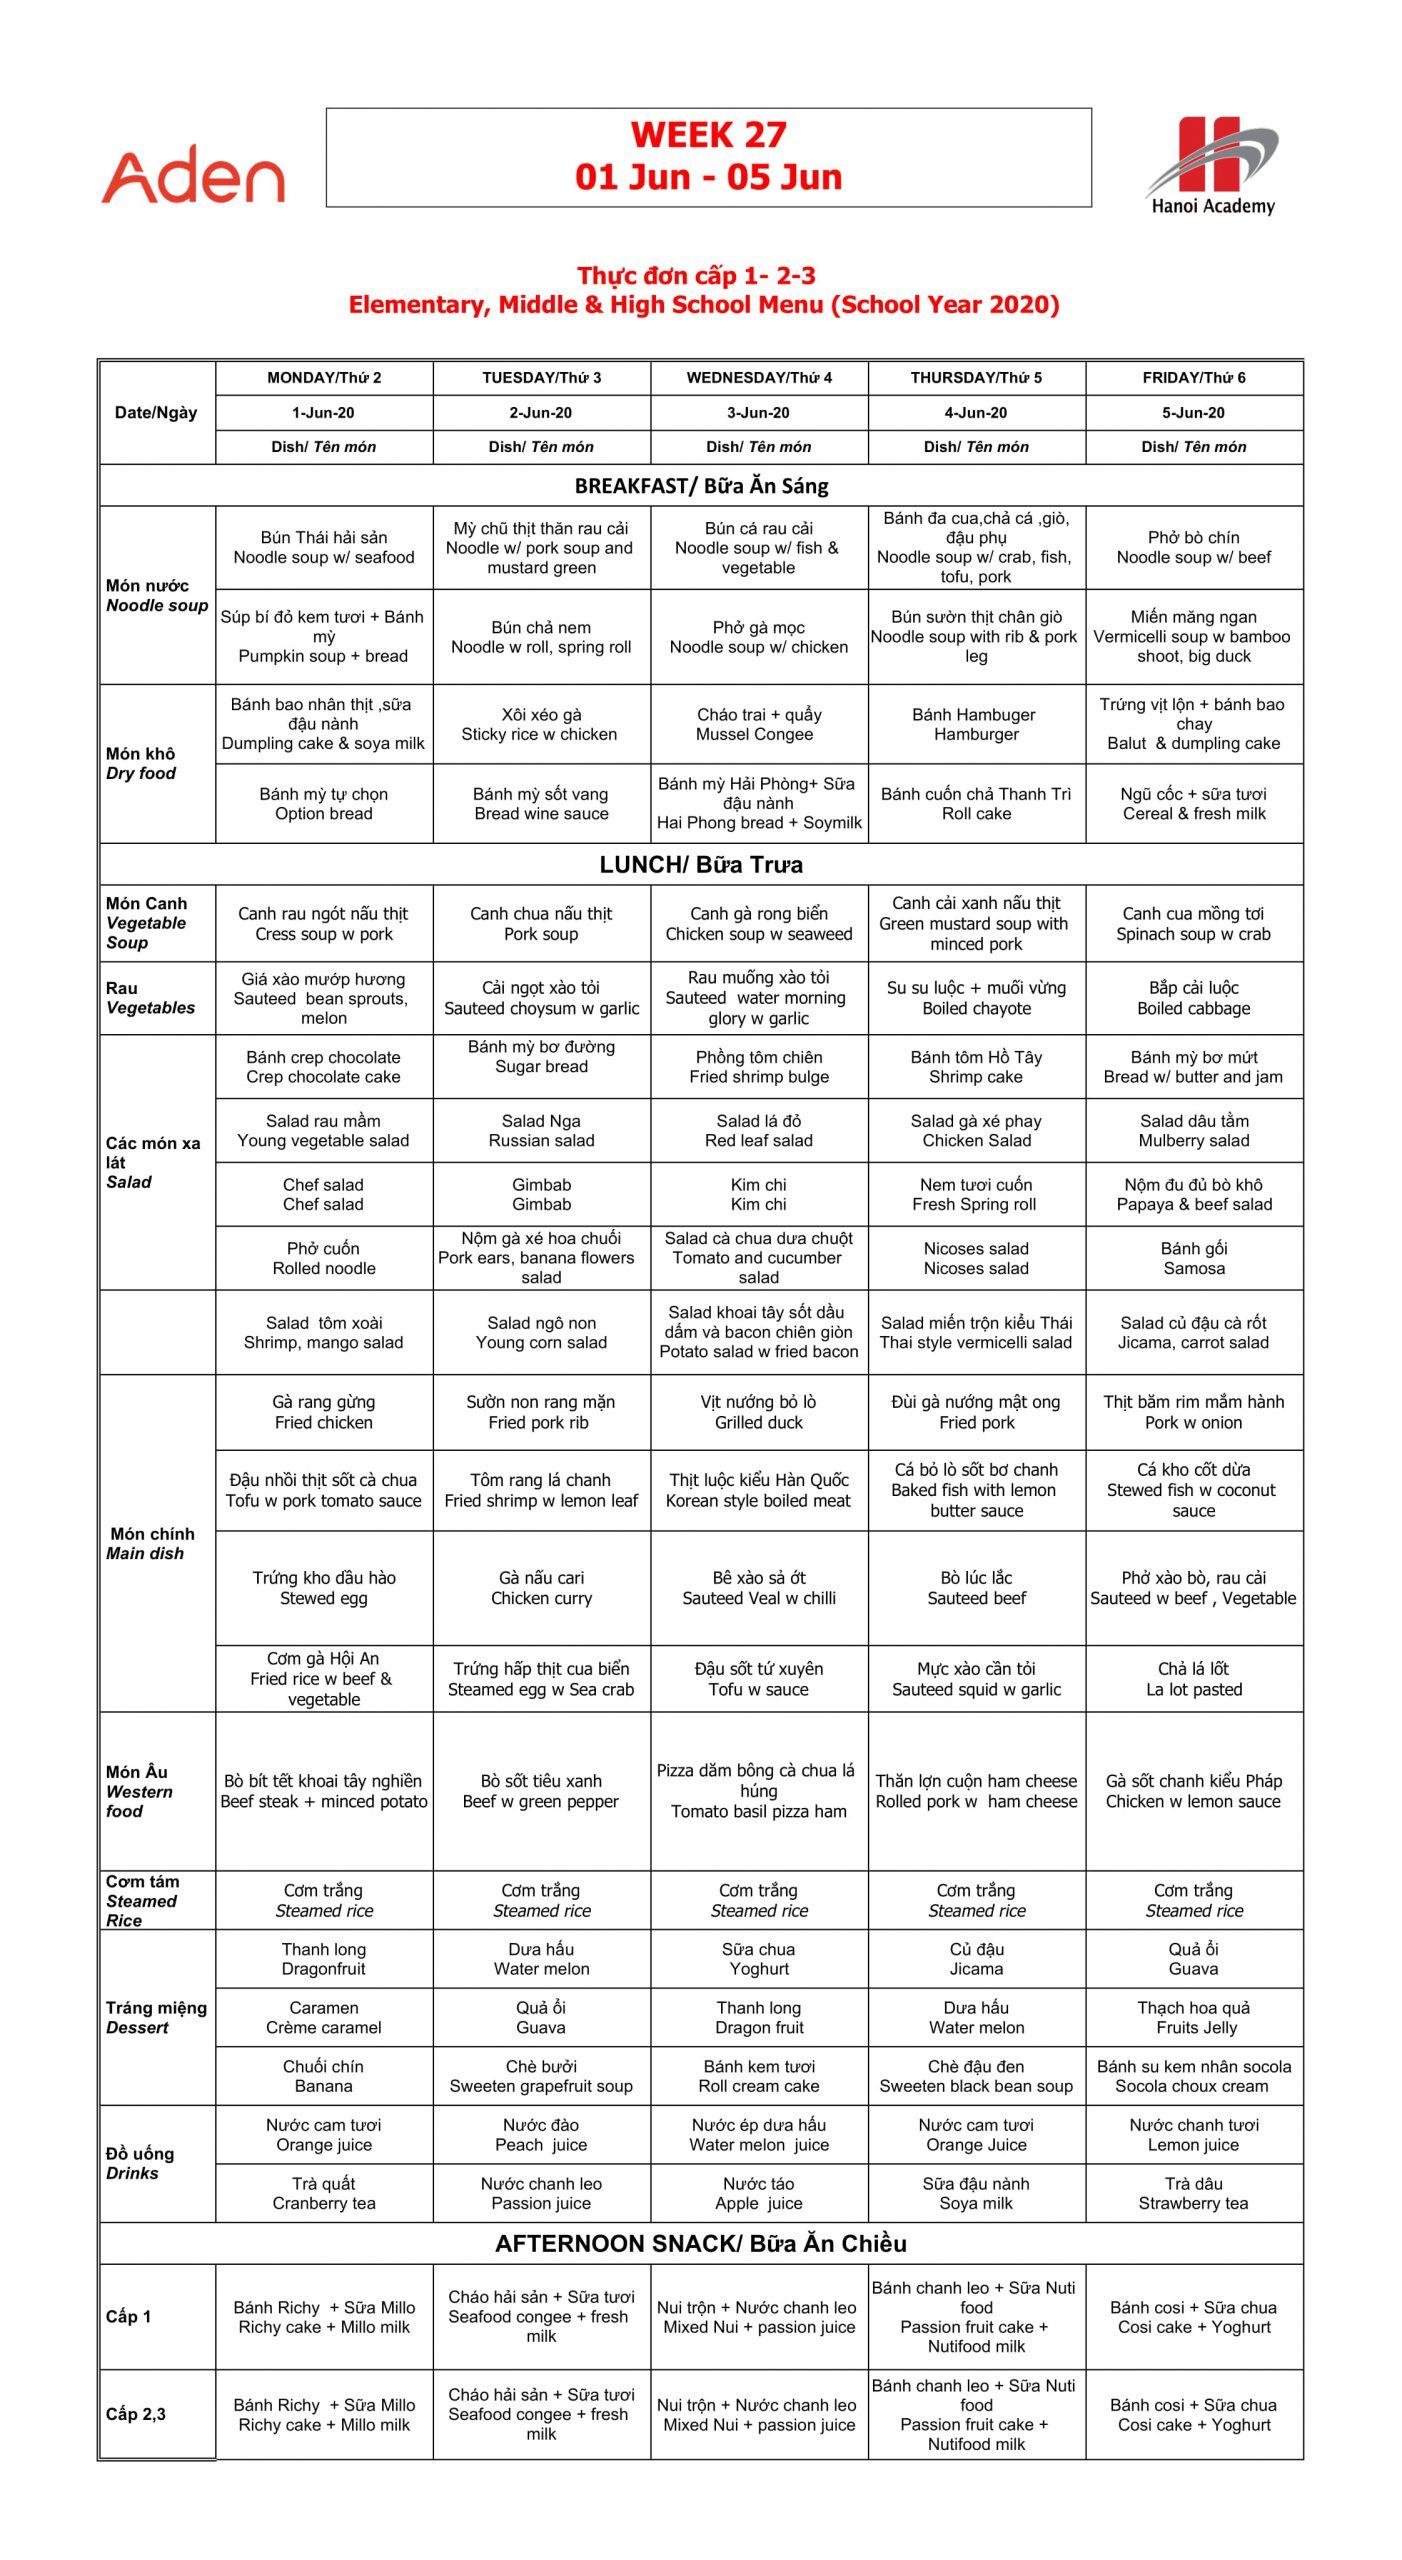 Thực đơn Hanoi Academy Thực đơn tuần 27 (01/06 – 05/06) Hanoi Academy